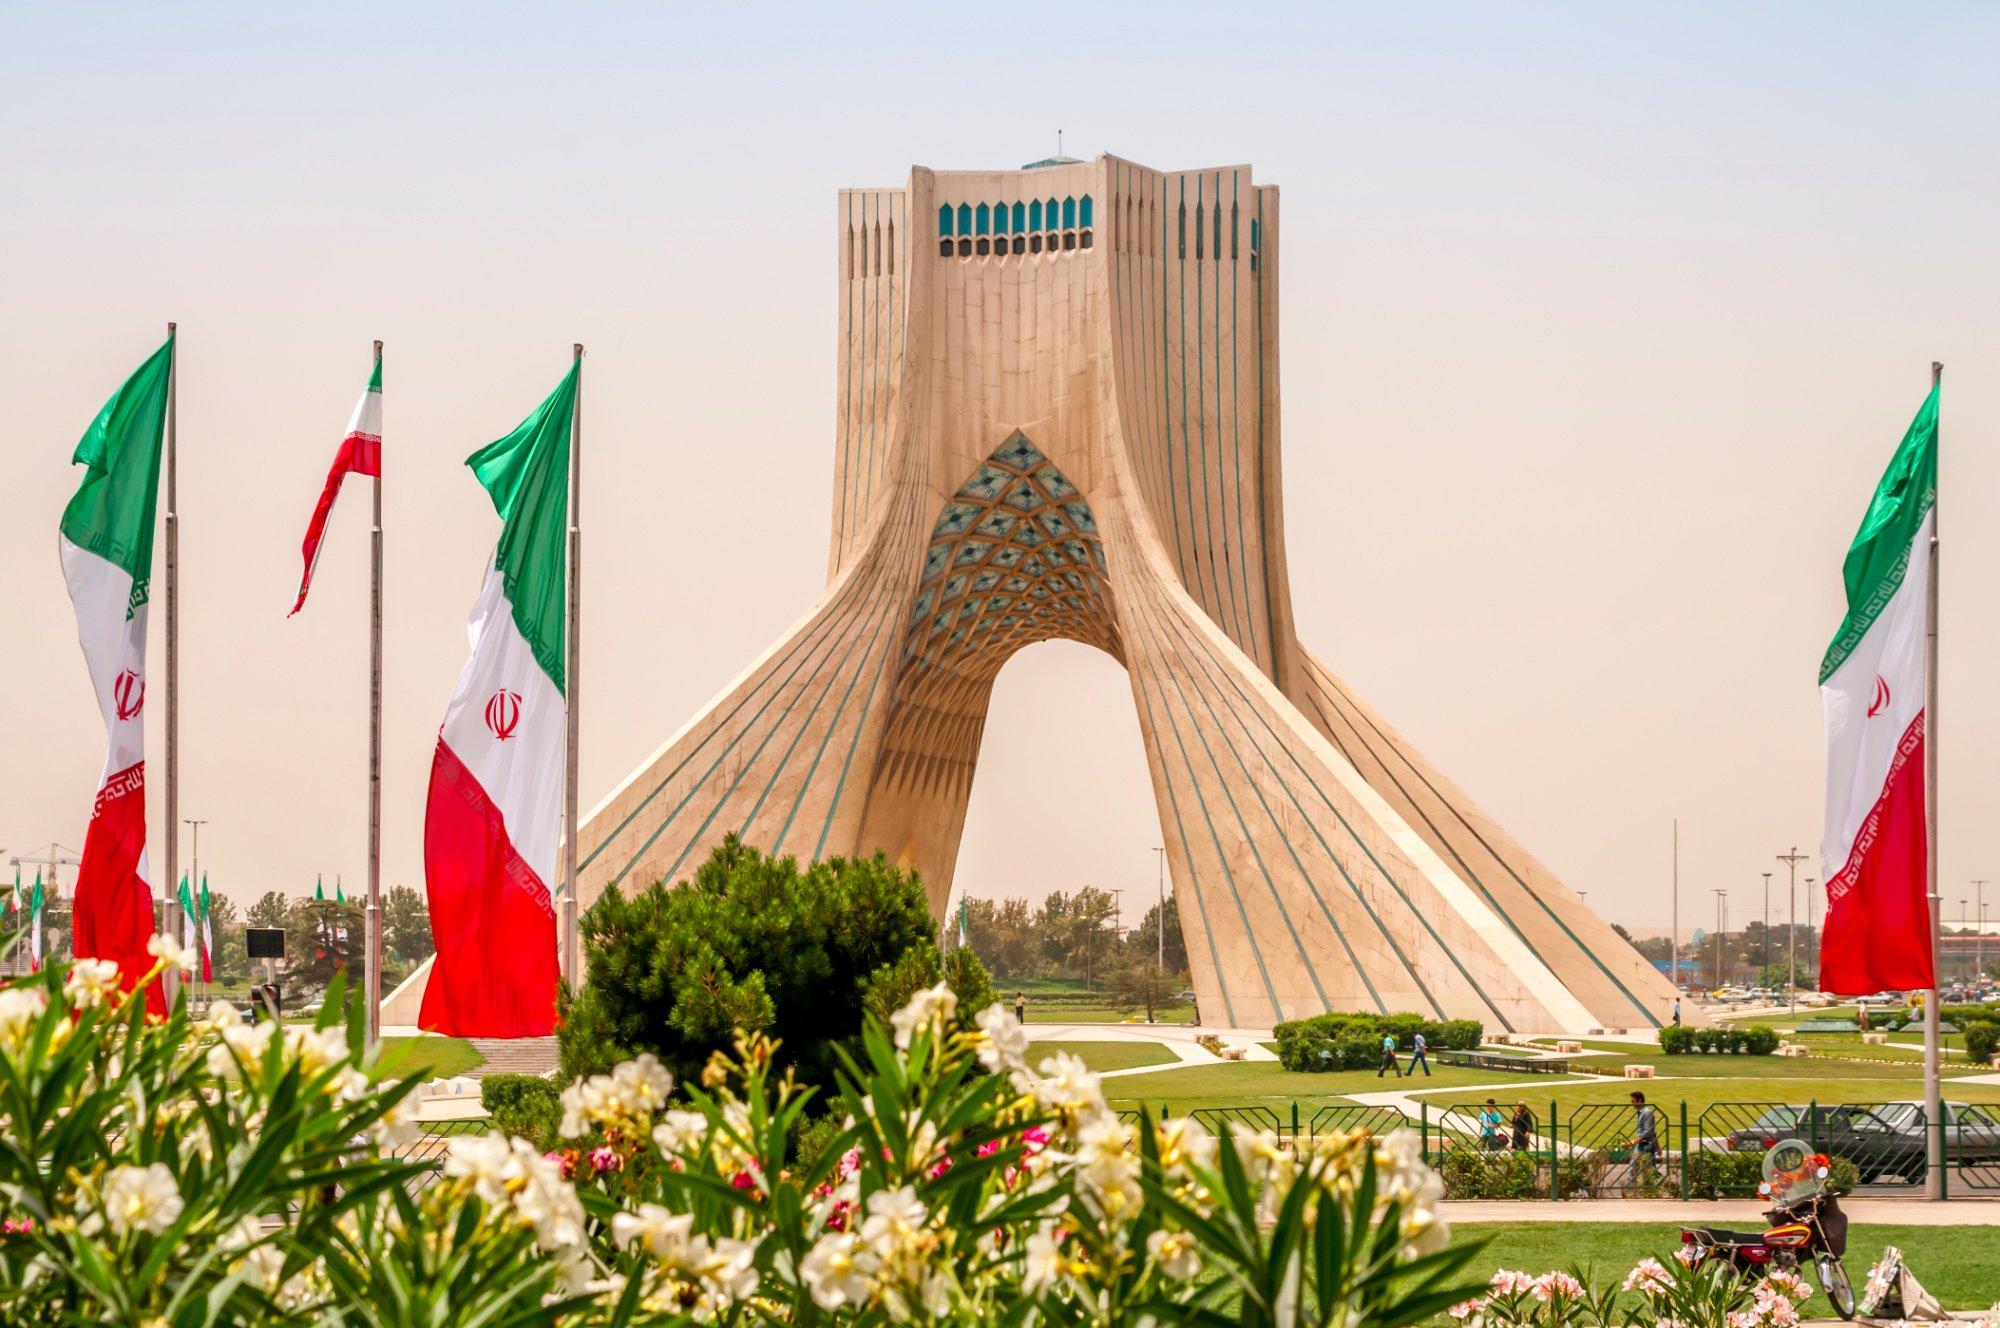 иран страна картинки того, чтобы увидеть